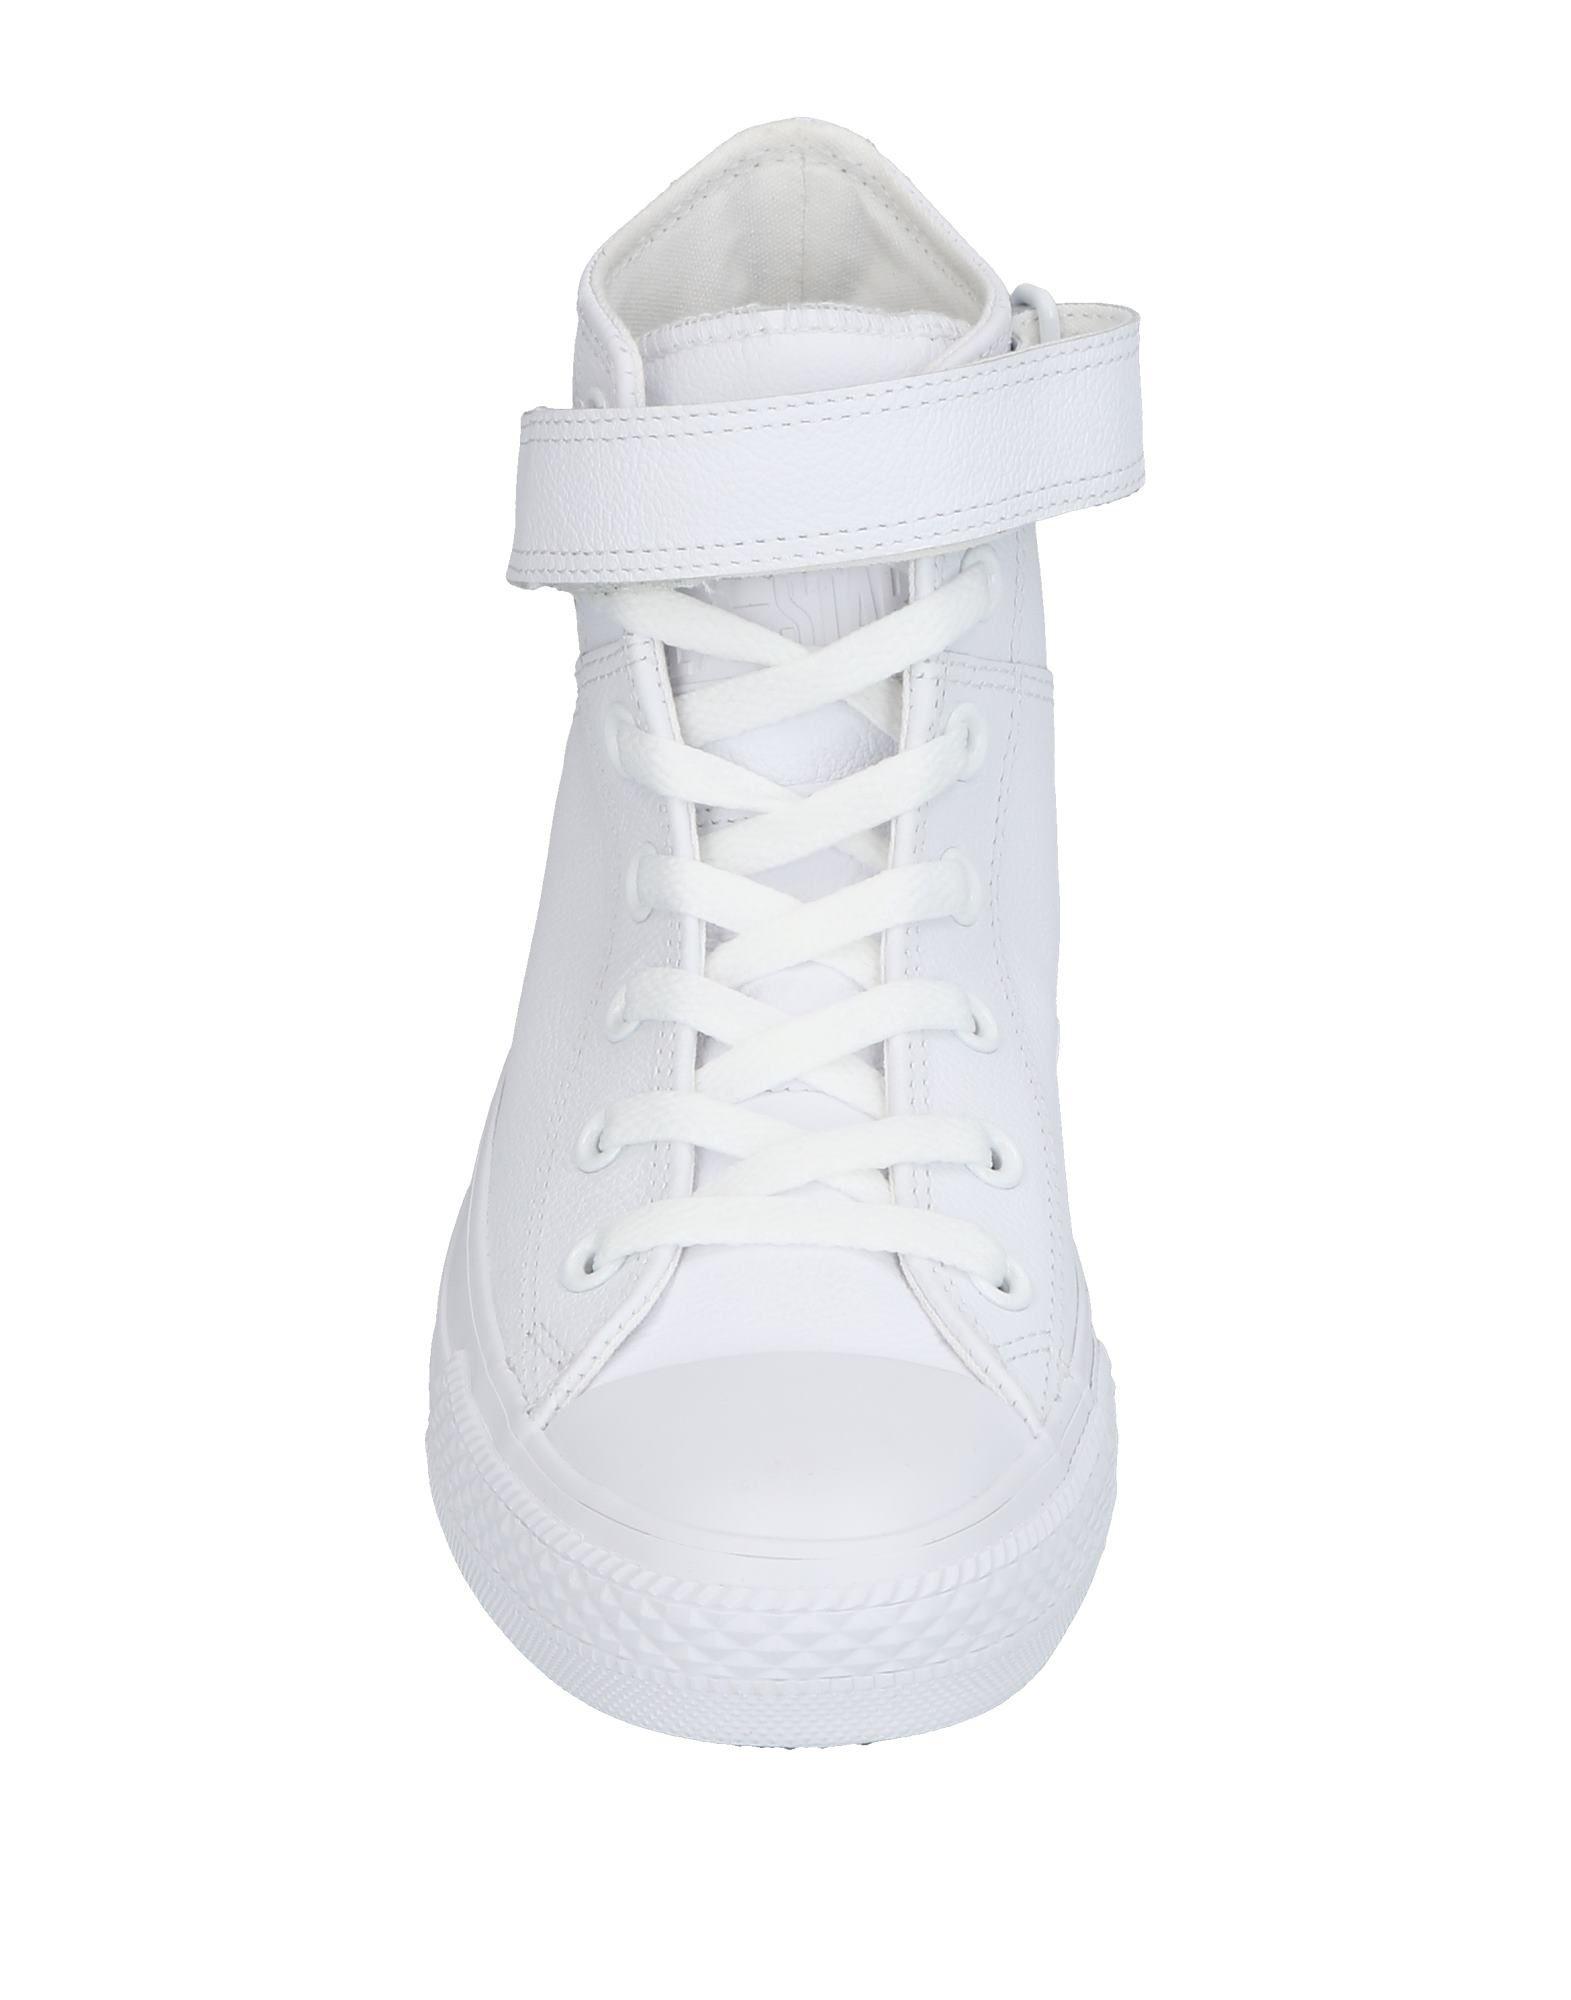 Converse All Star Sneakers Damen  11448106JS Gute Qualität beliebte Schuhe